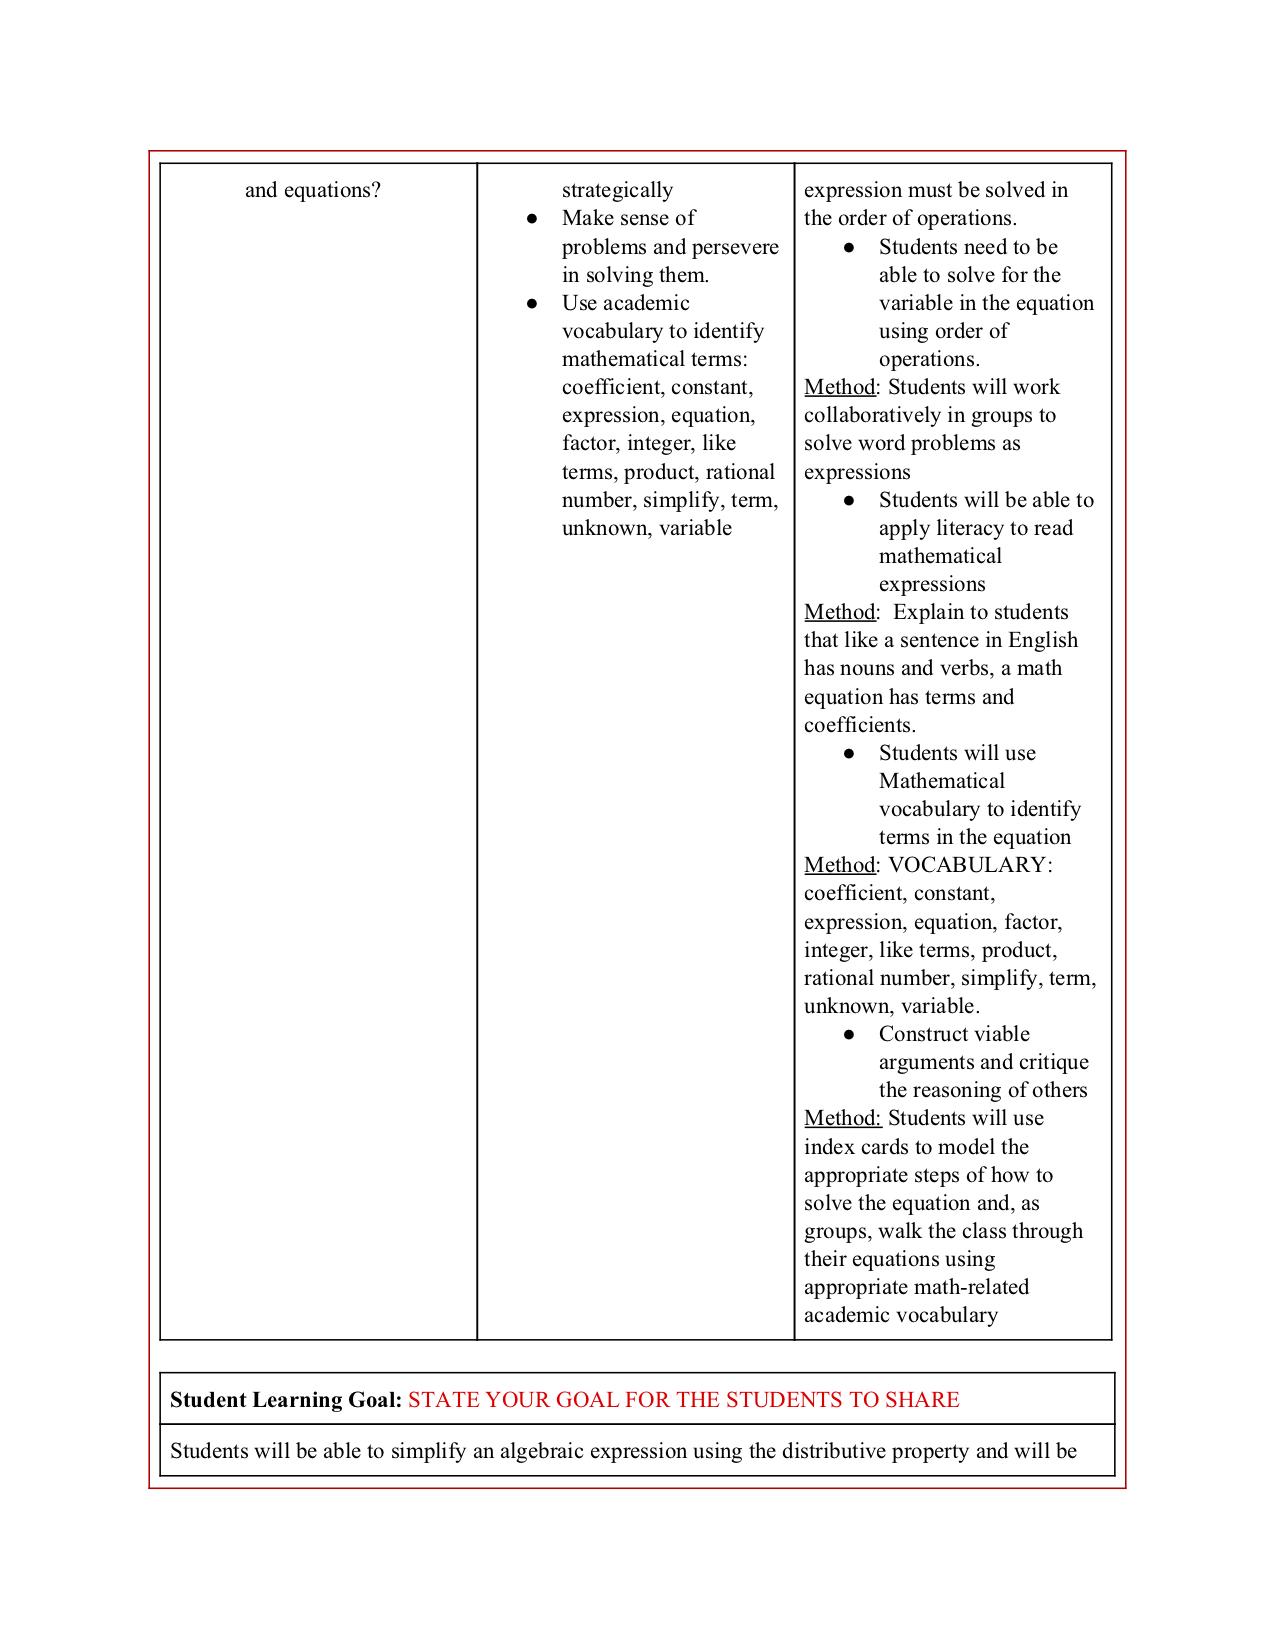 ITL-608 Literacy learning plan copy2.jpg